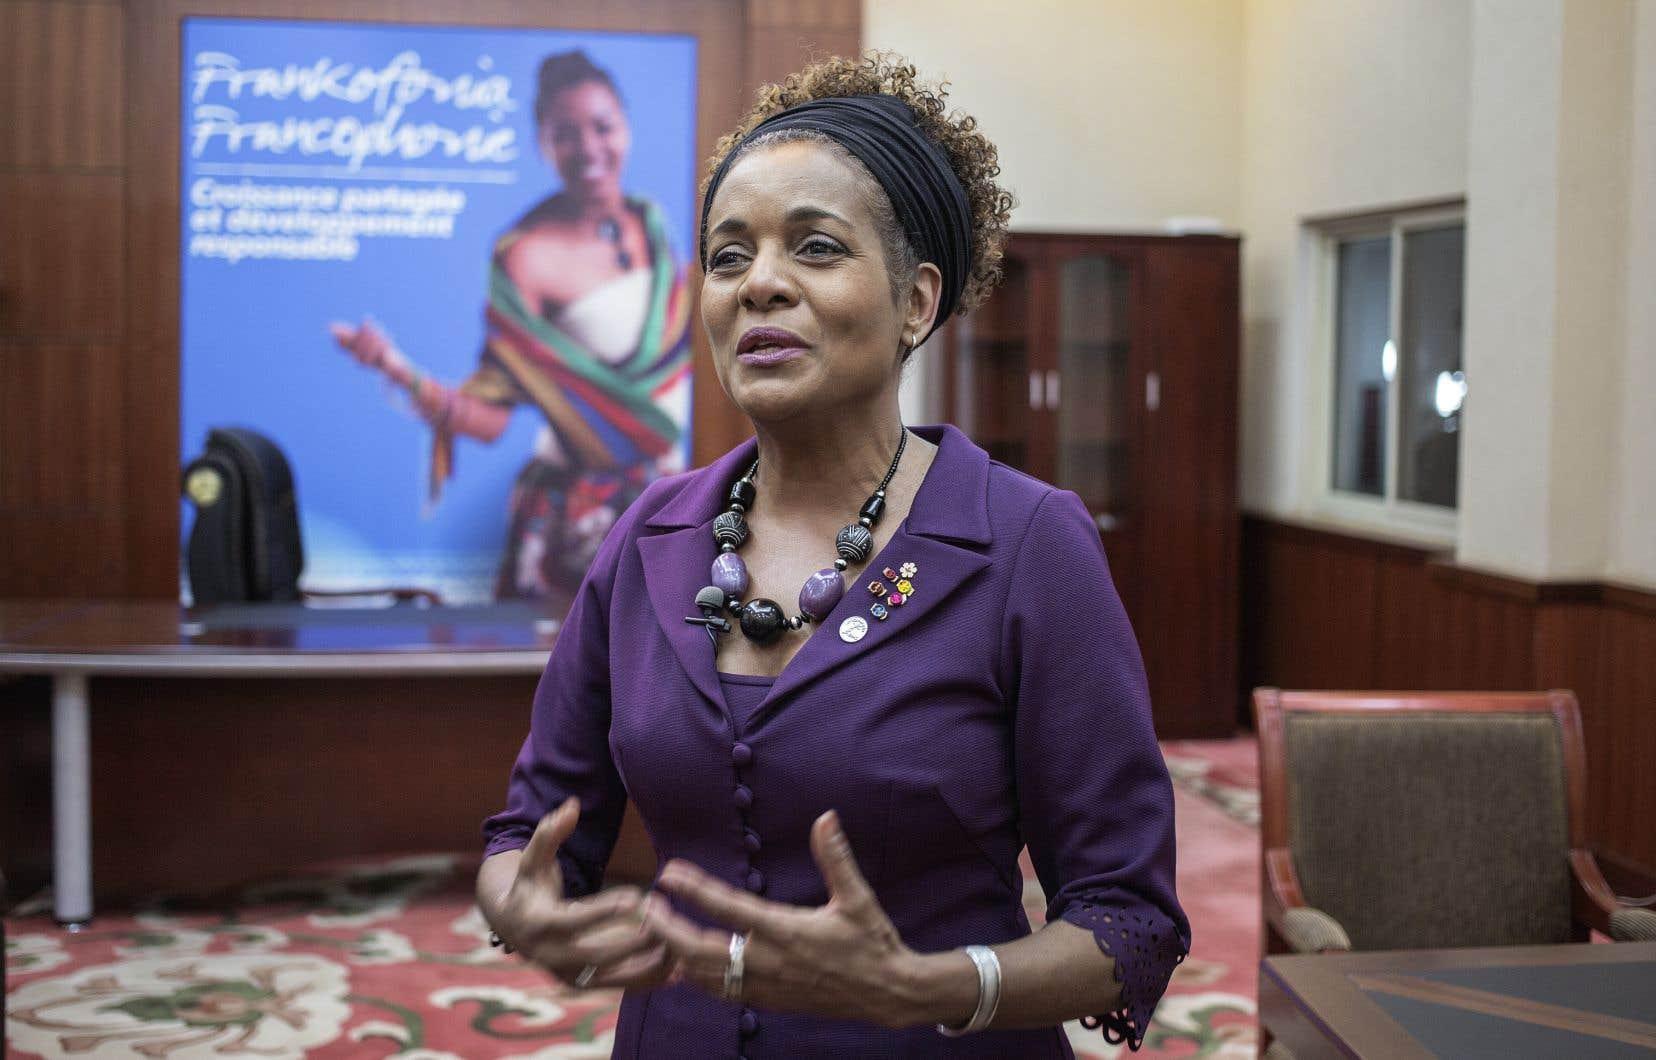 Depuis le début de son mandat de secrétaire générale de l'Organisation internationale de la Francophonie en 2014, Michaëlle Jean, a surtout attiré l'attention pour ses frasques, soulignent les auteurs.